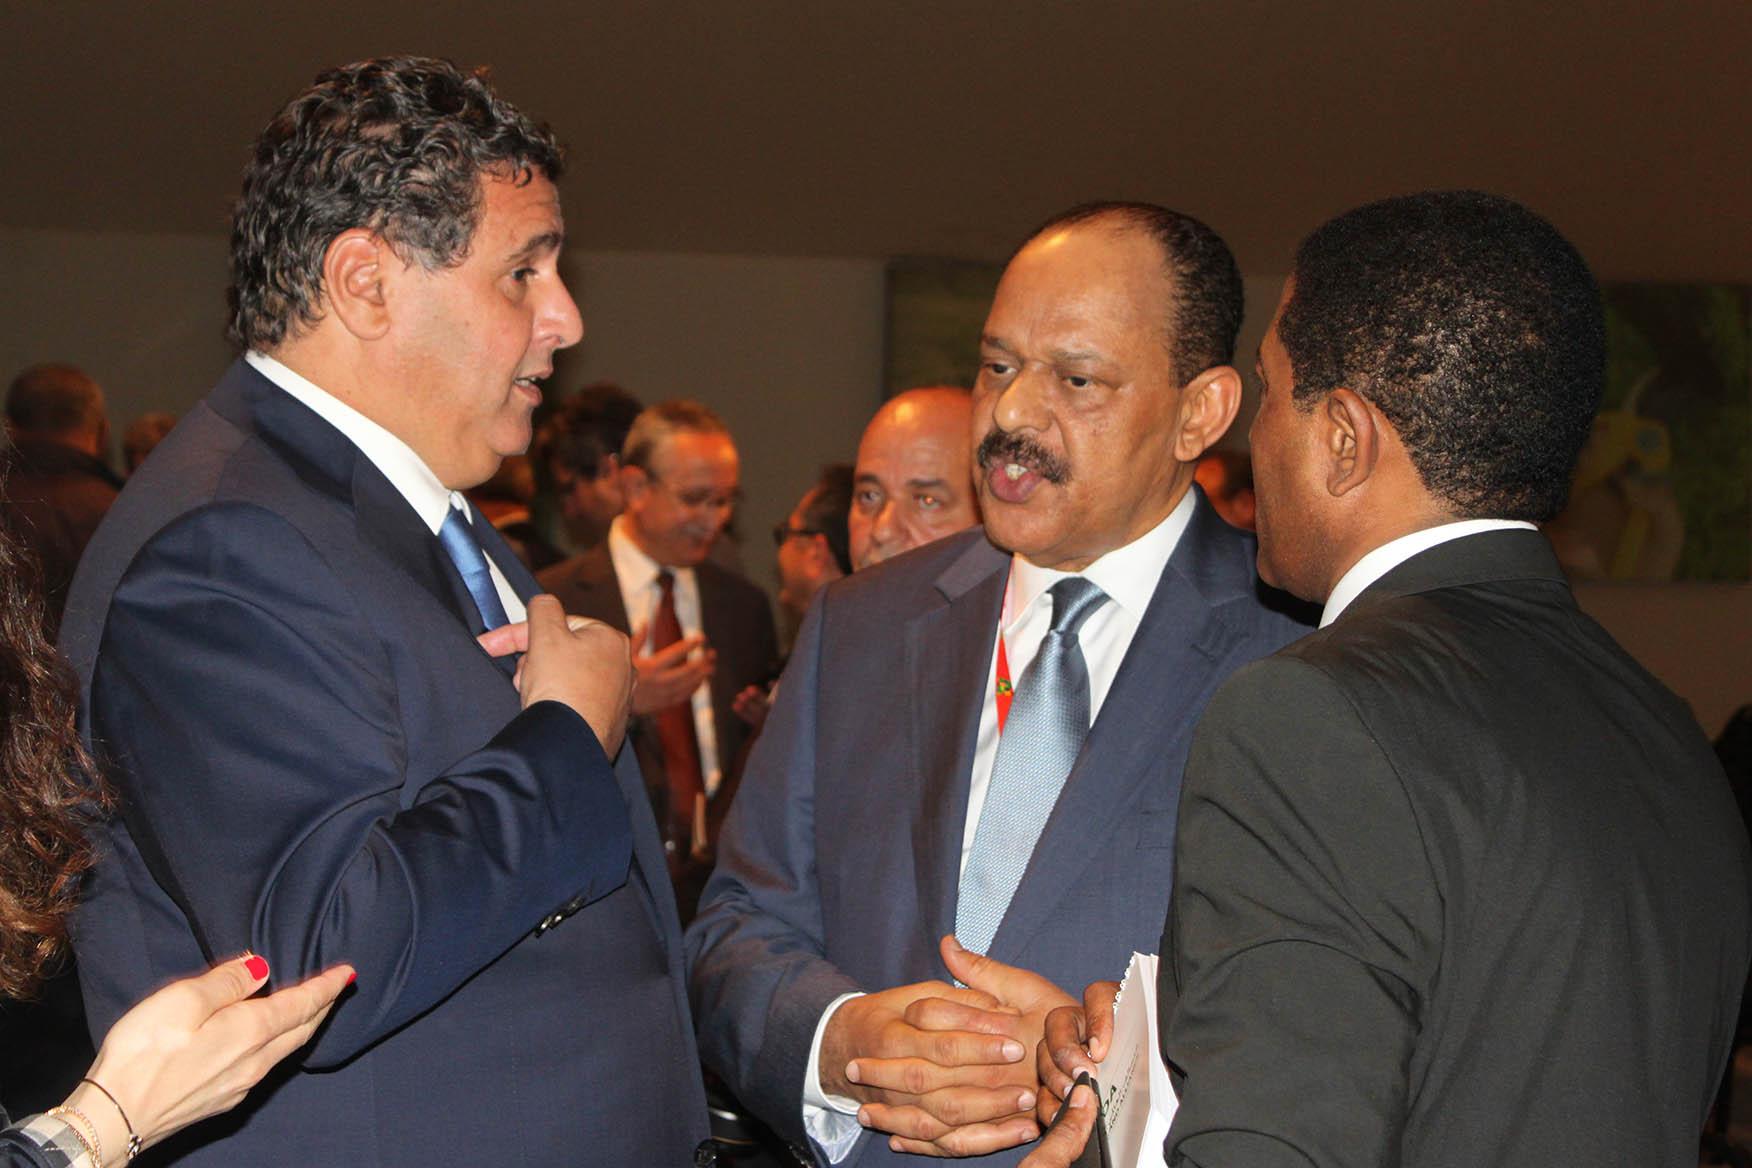 السيد أخنوش يعبر عن تفاؤله بشأن آفاق التعاون بين المغرب و قطر